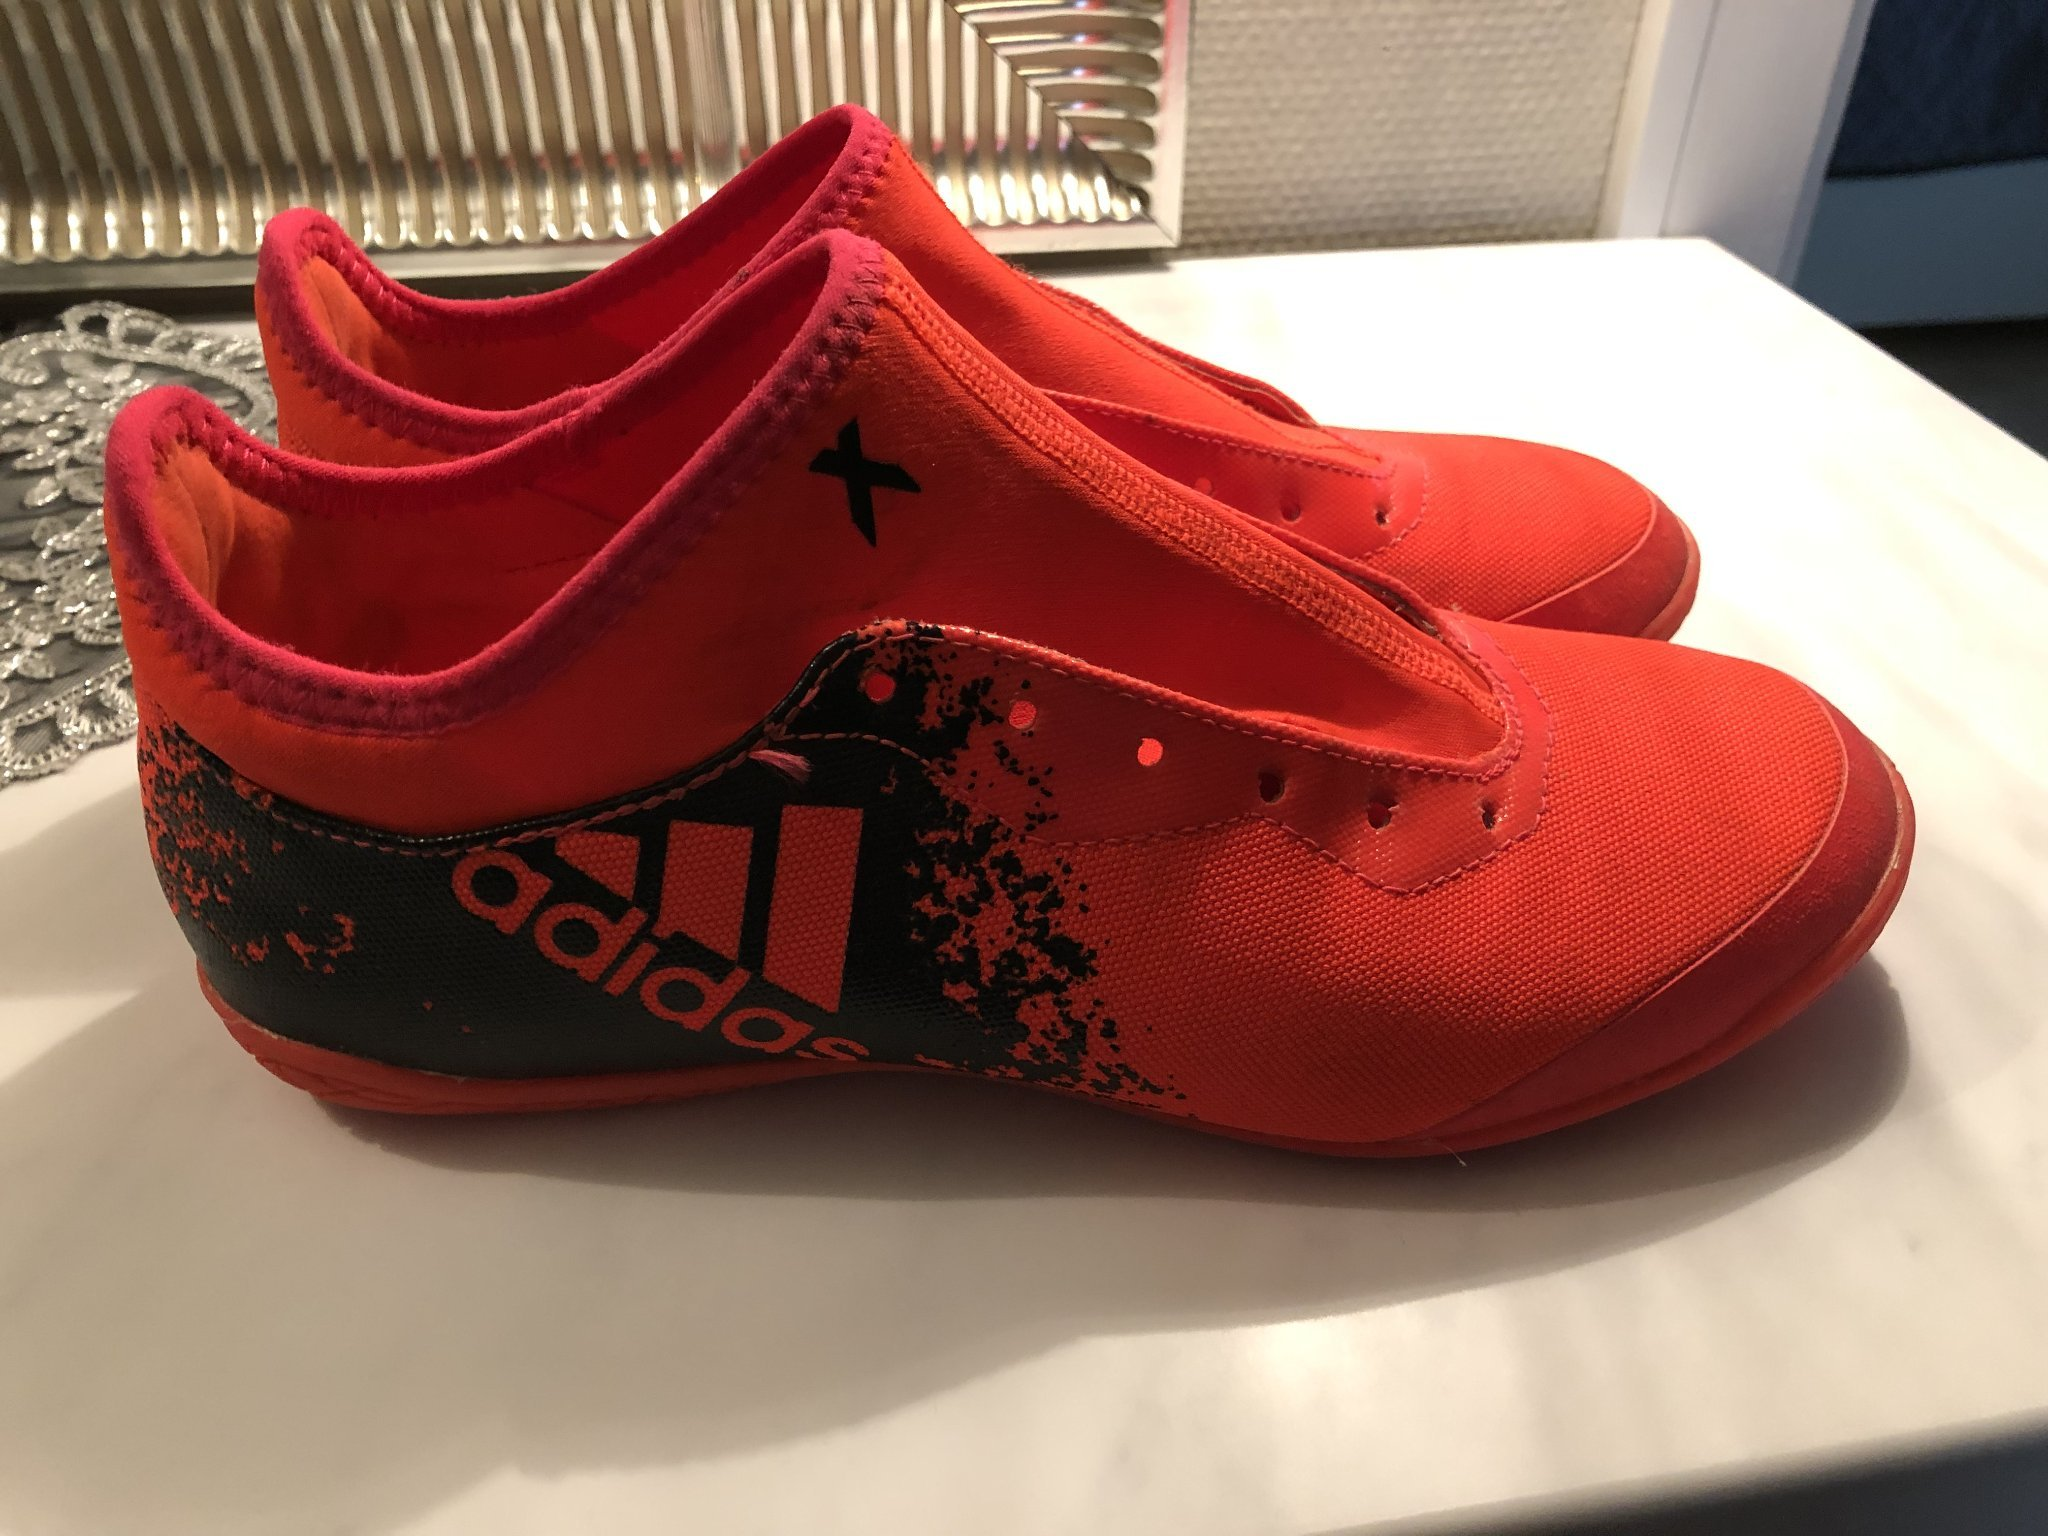 best service b06a0 2e90d Adidas fotbollsskor inomhus storlek 40